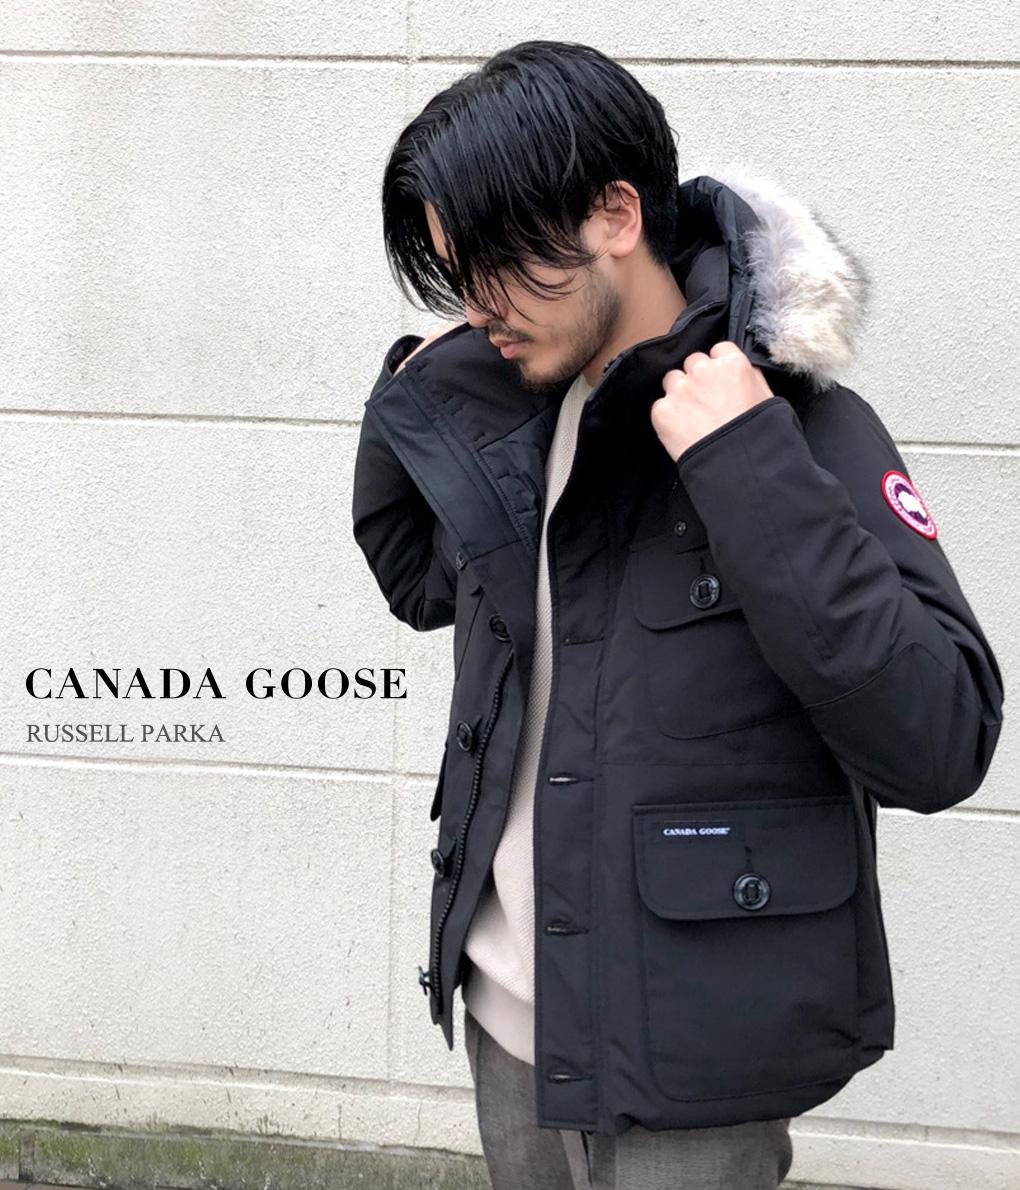 【送料無料!】【国内正規品】CANADA GOOSE / カナダグース : RUSSEL PARKA :ラッセルパーカー ヘビーアウター : 2301JM-SZ 【STD】